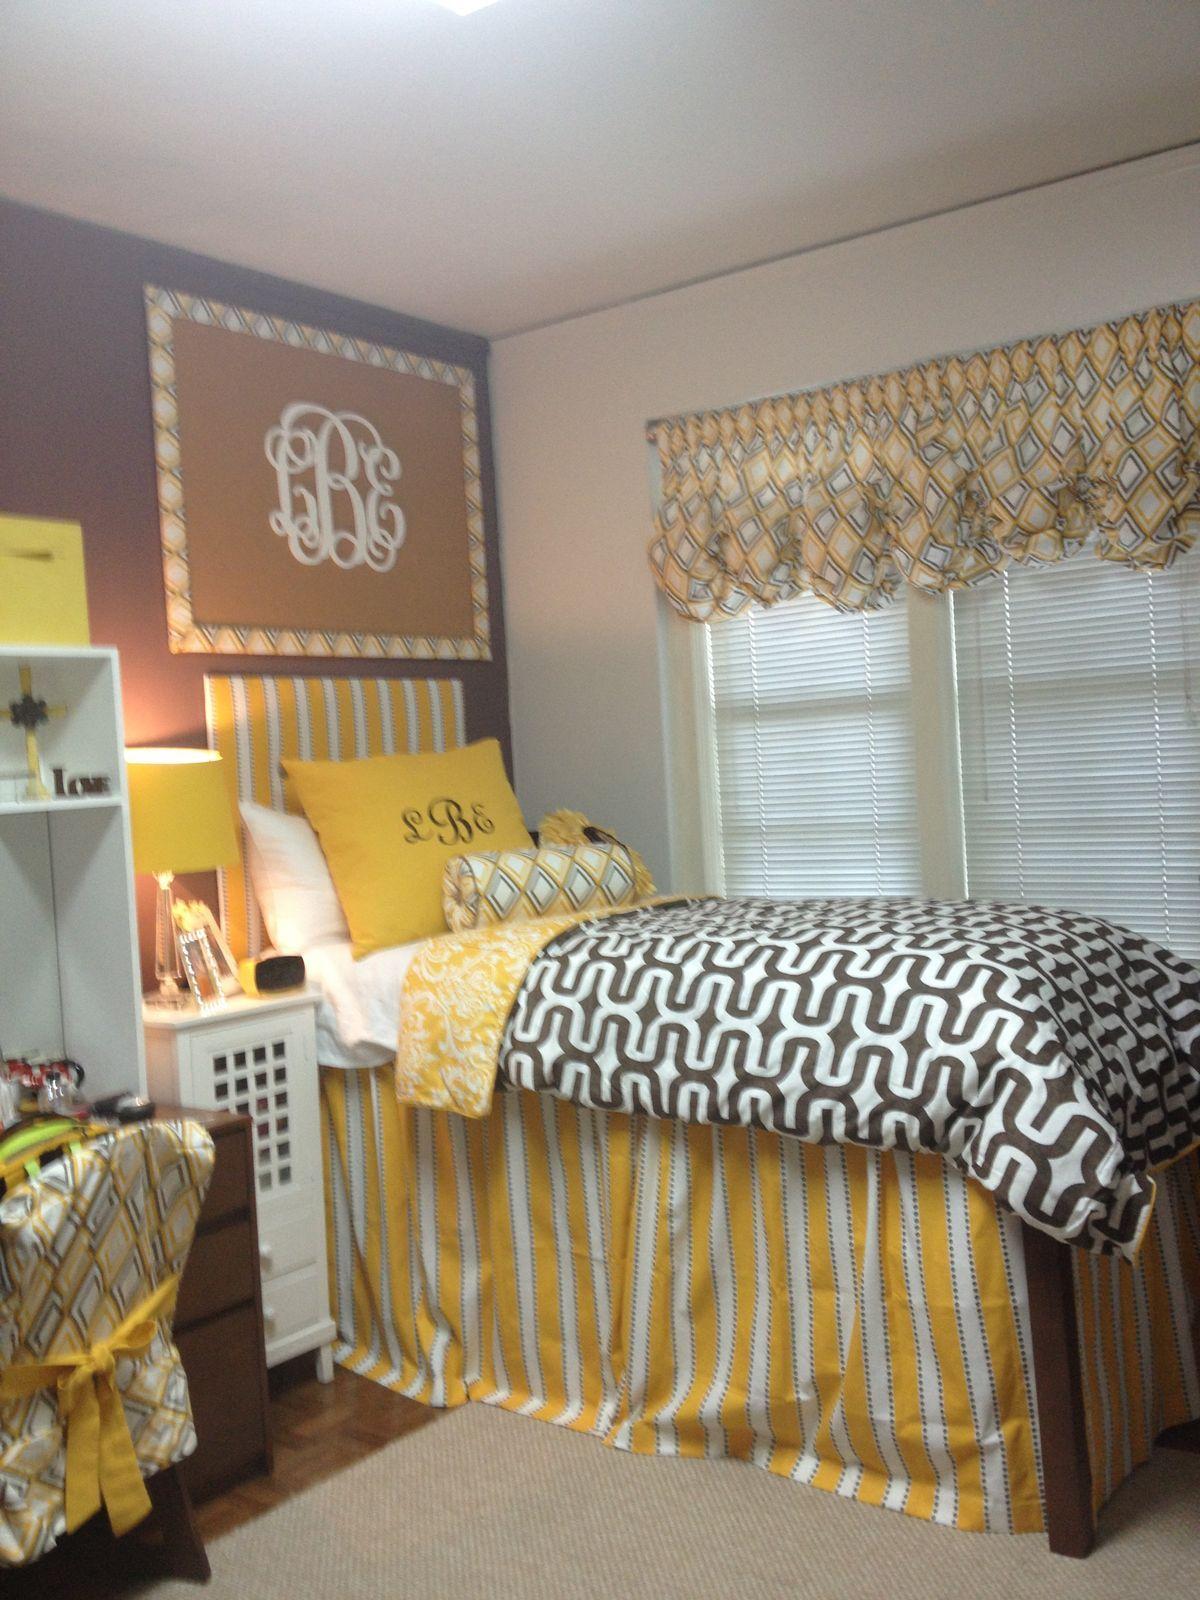 Dream Dorm Room: Ce479415fb6af3ea408d62185ce321de.jpg 1,200×1,600 Pixels